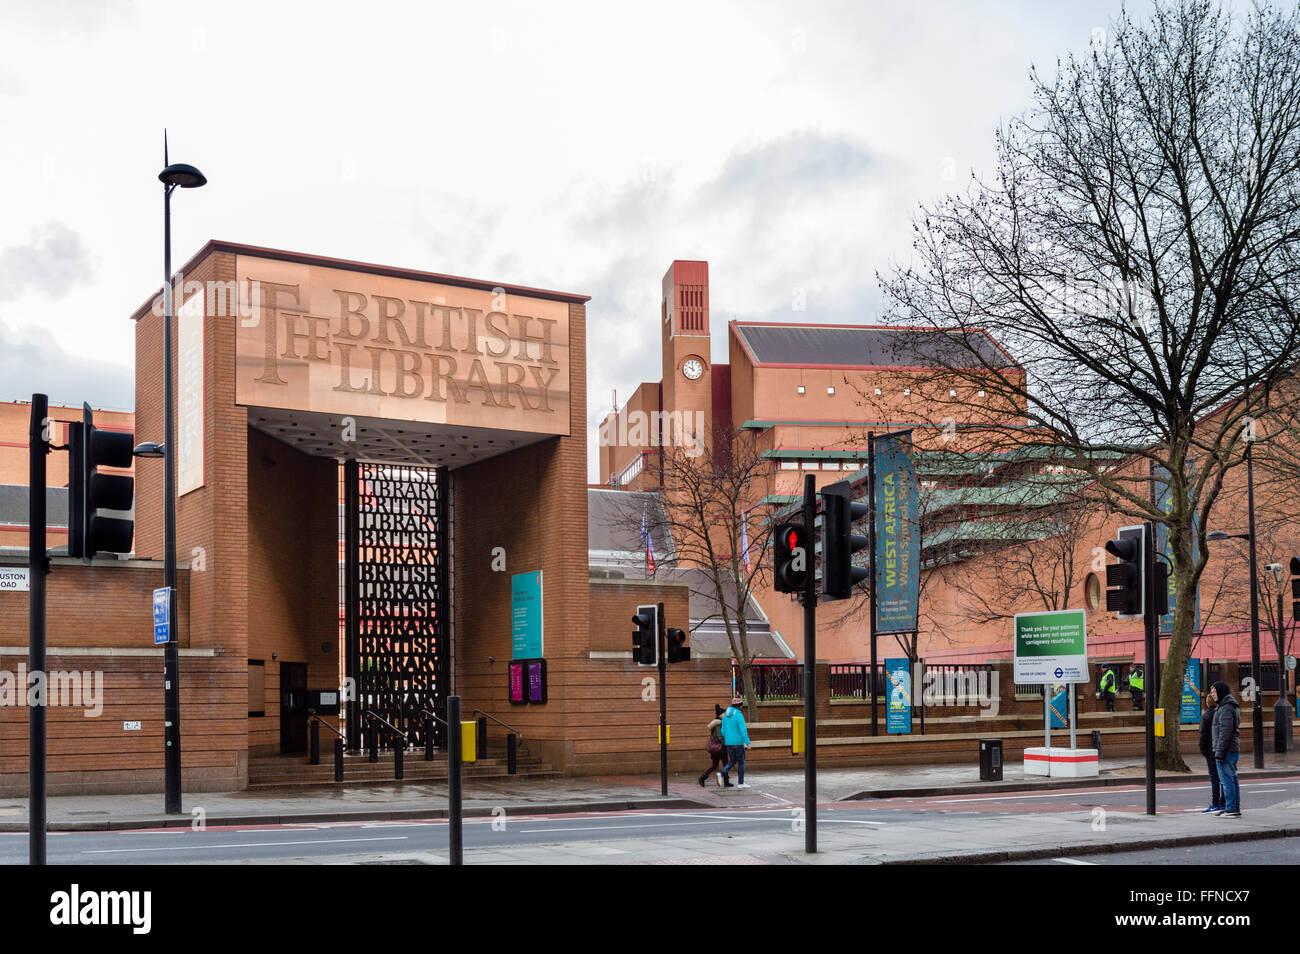 Entrance to the British Library on Euston Road, London, England, UK - Stock Image